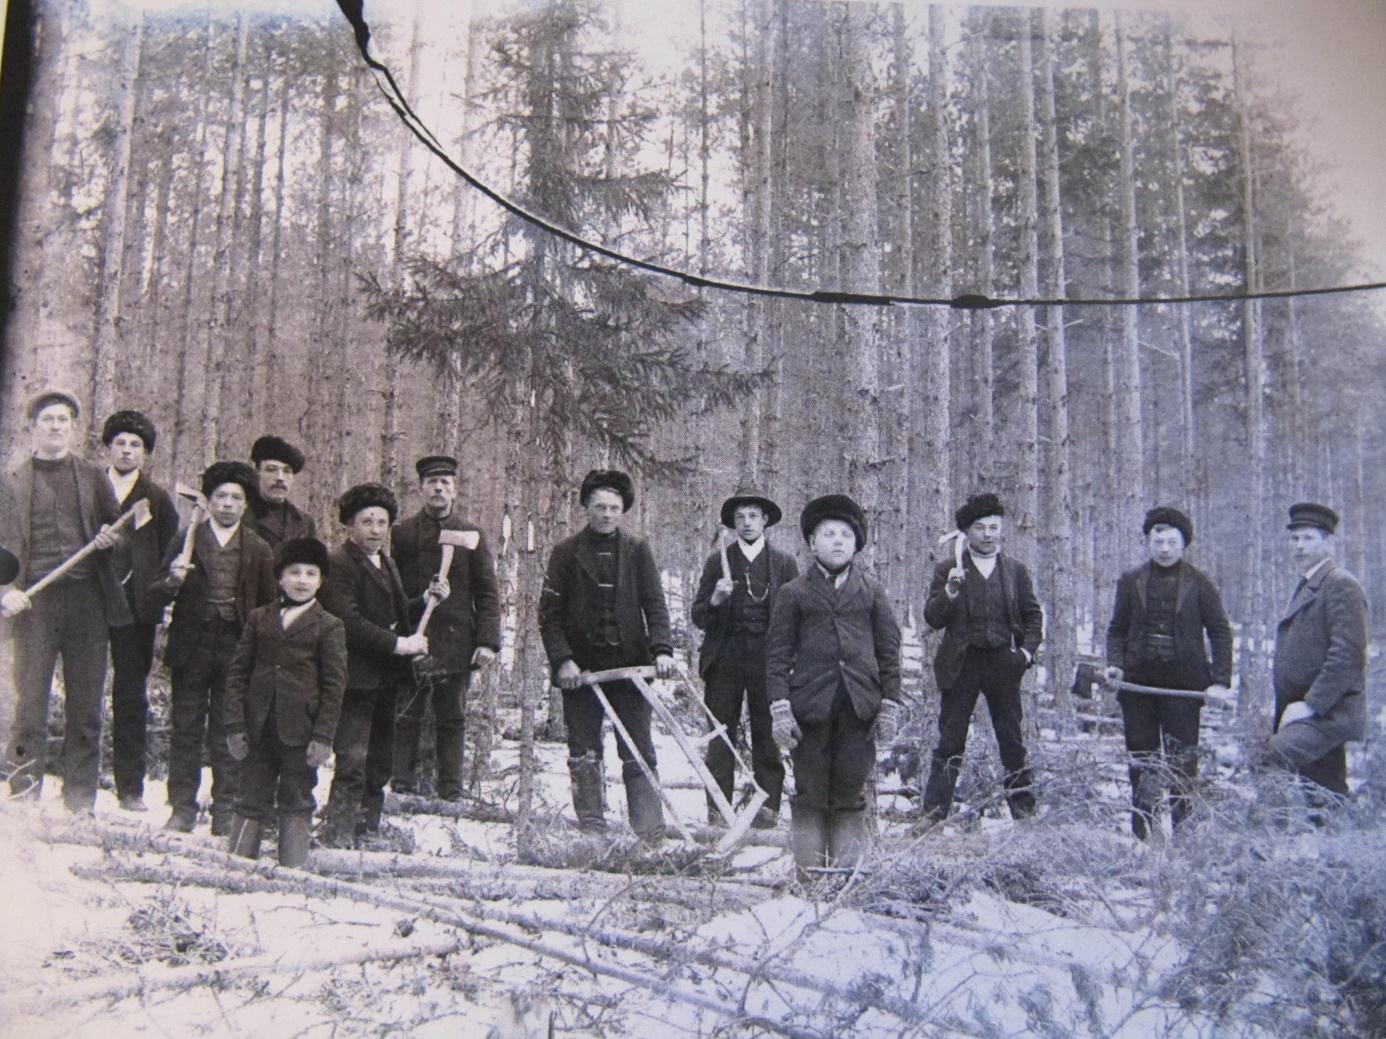 Här kursdeltagarna fotograferade av Viktor Nylund år 1912.